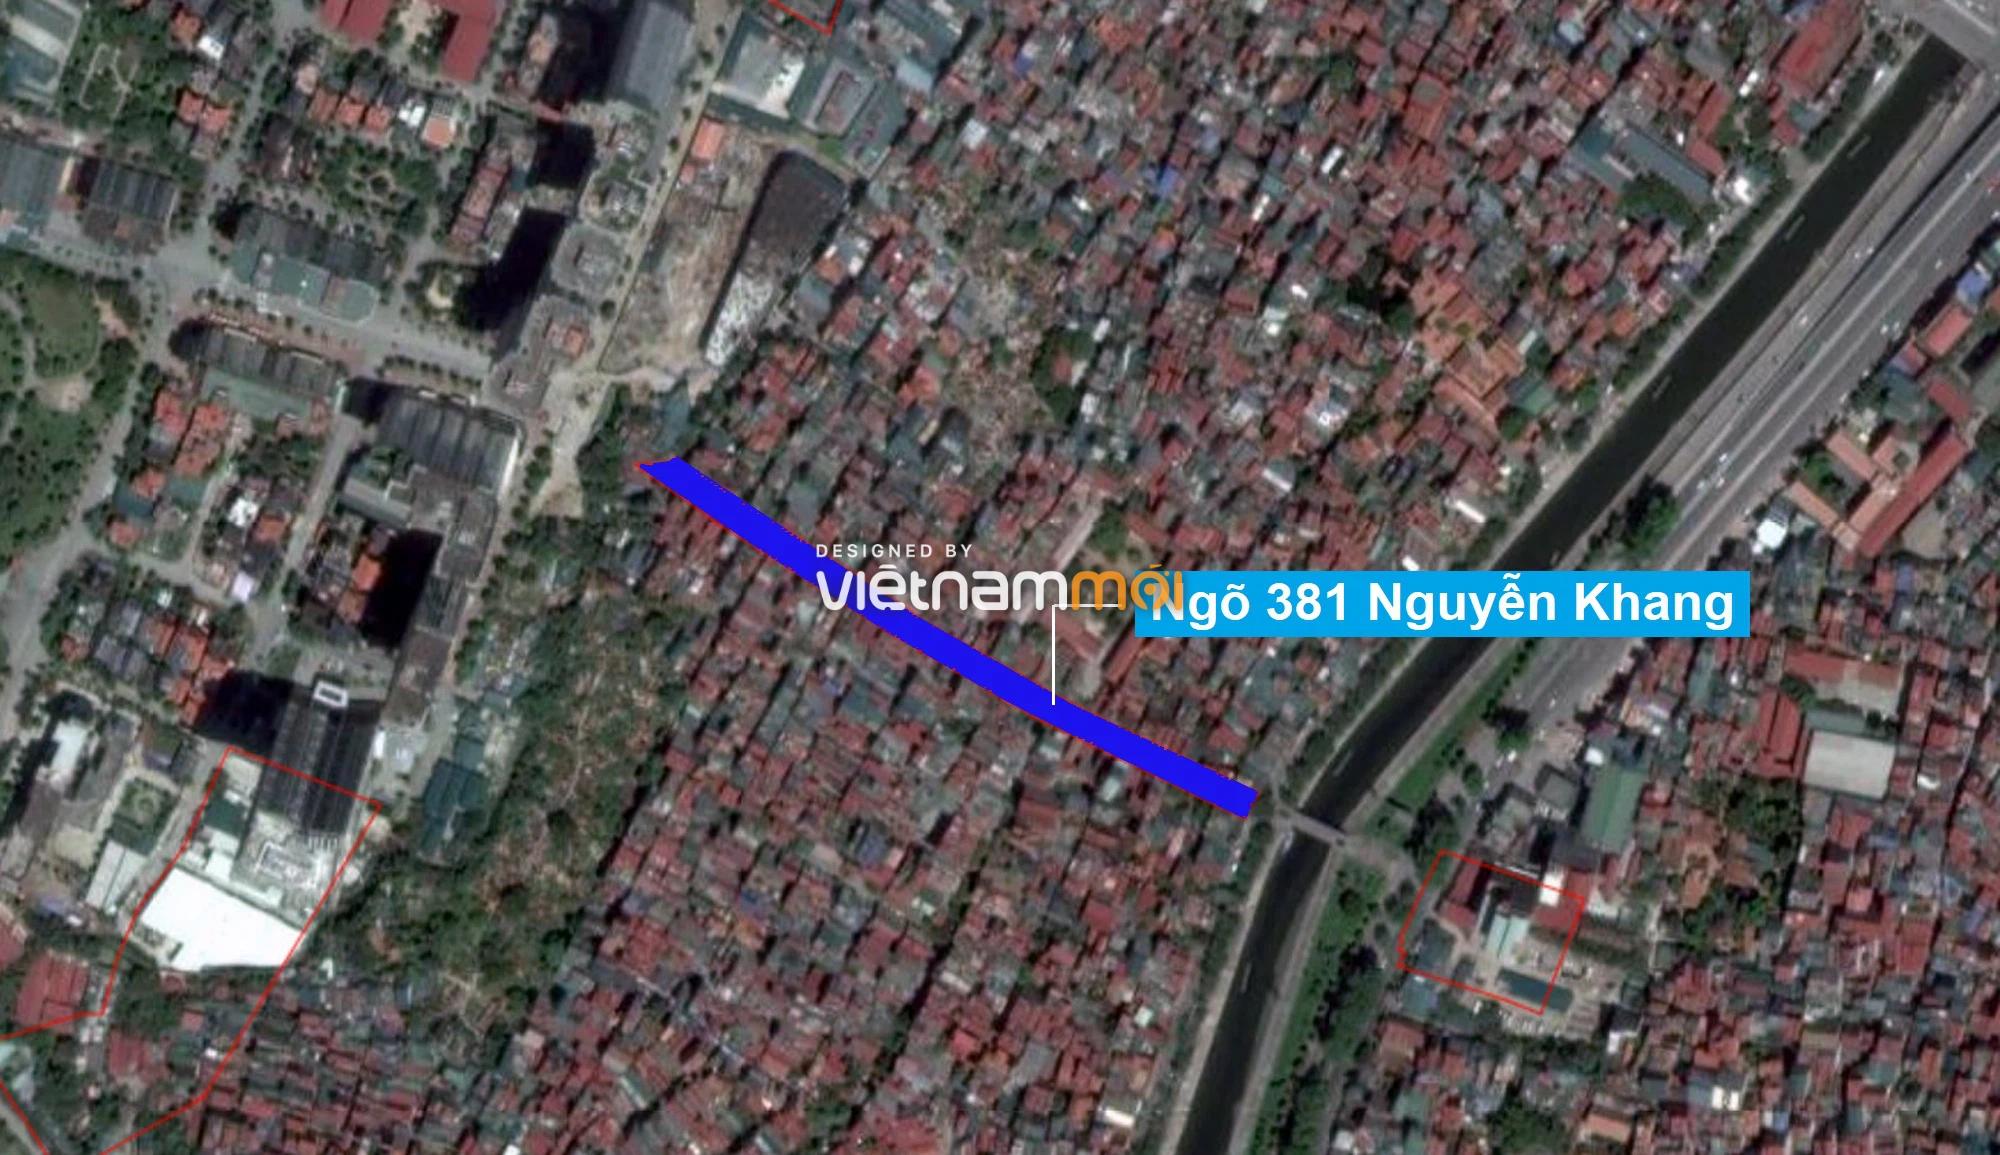 Những khu đất sắp thu hồi để mở đường ở quận Cầu Giấy, Hà Nội - Ảnh 13.